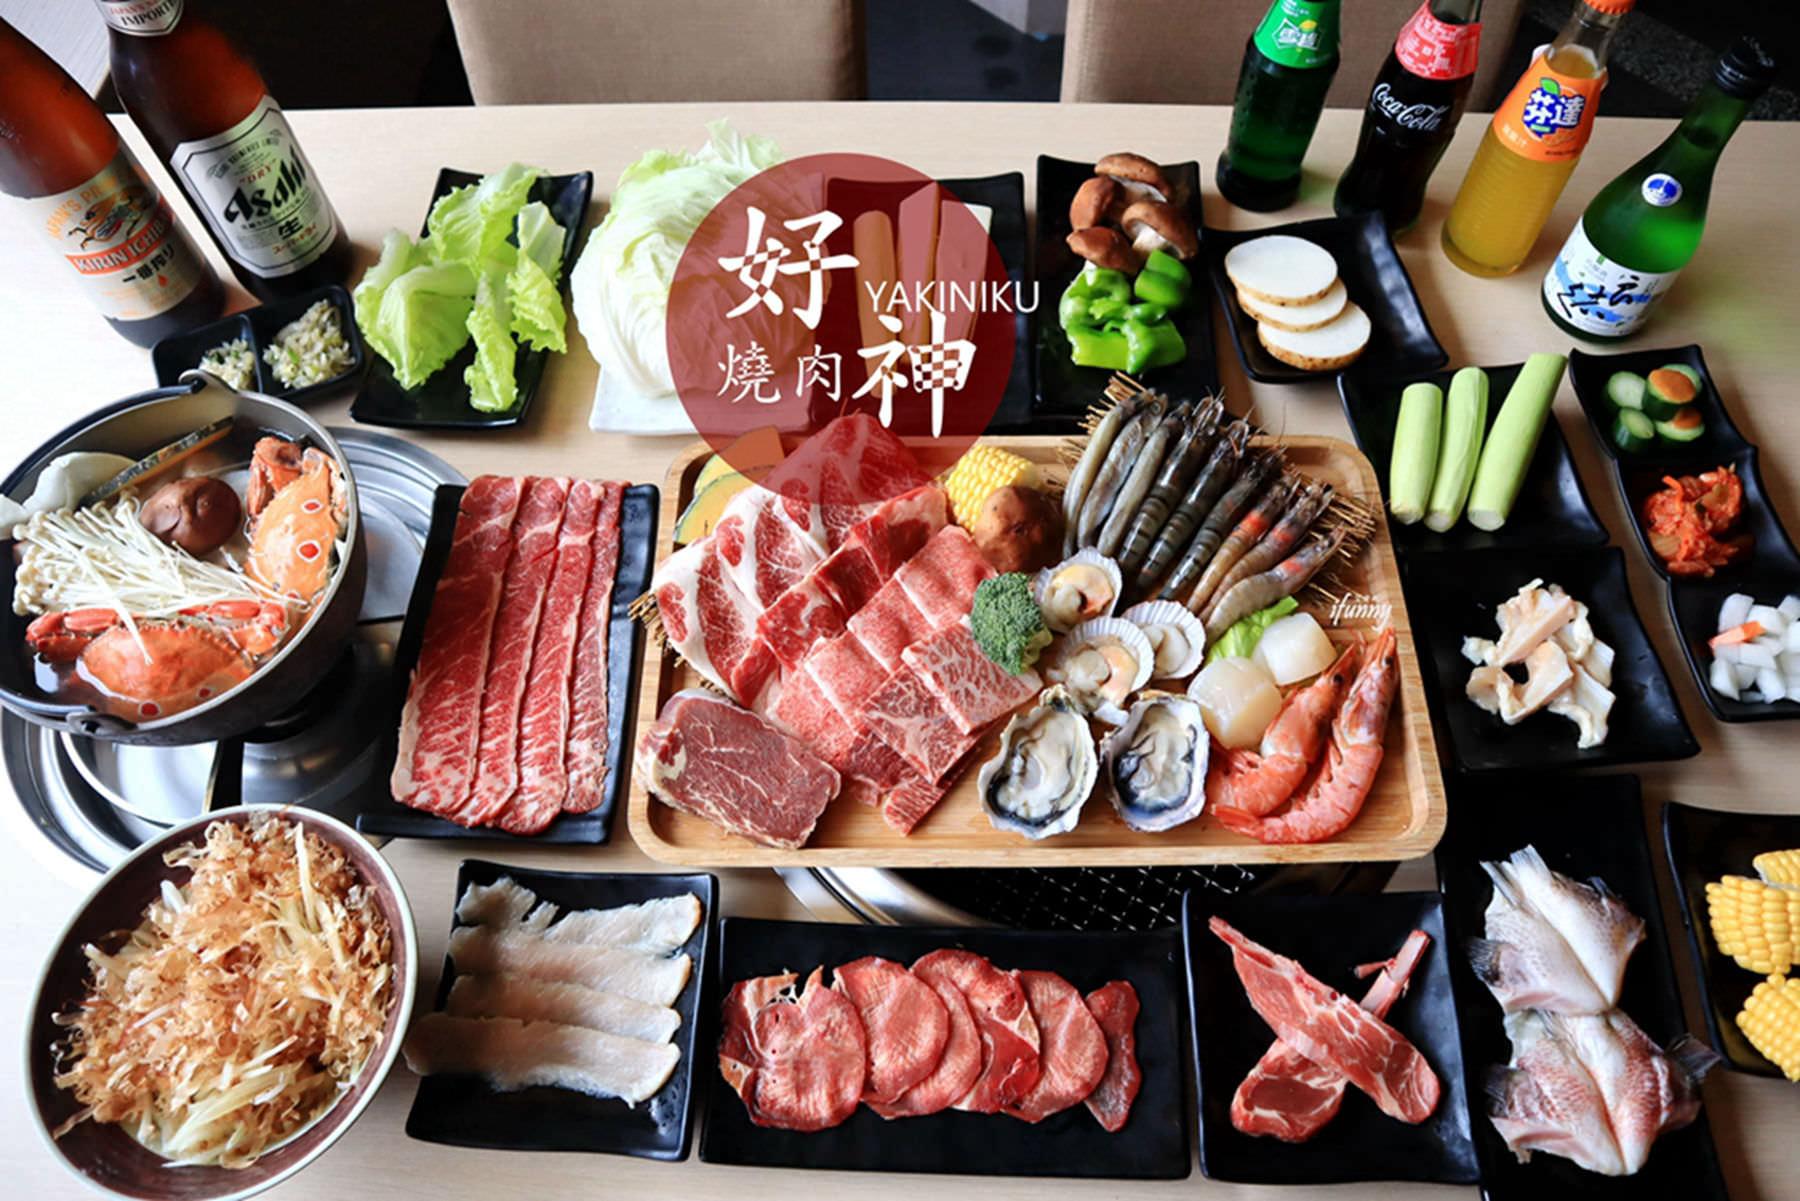 [古亭站]好神燒肉-goodgodyakiniku~台北無煙燒烤吃到飽/火烤兩吃/和牛吃到飽